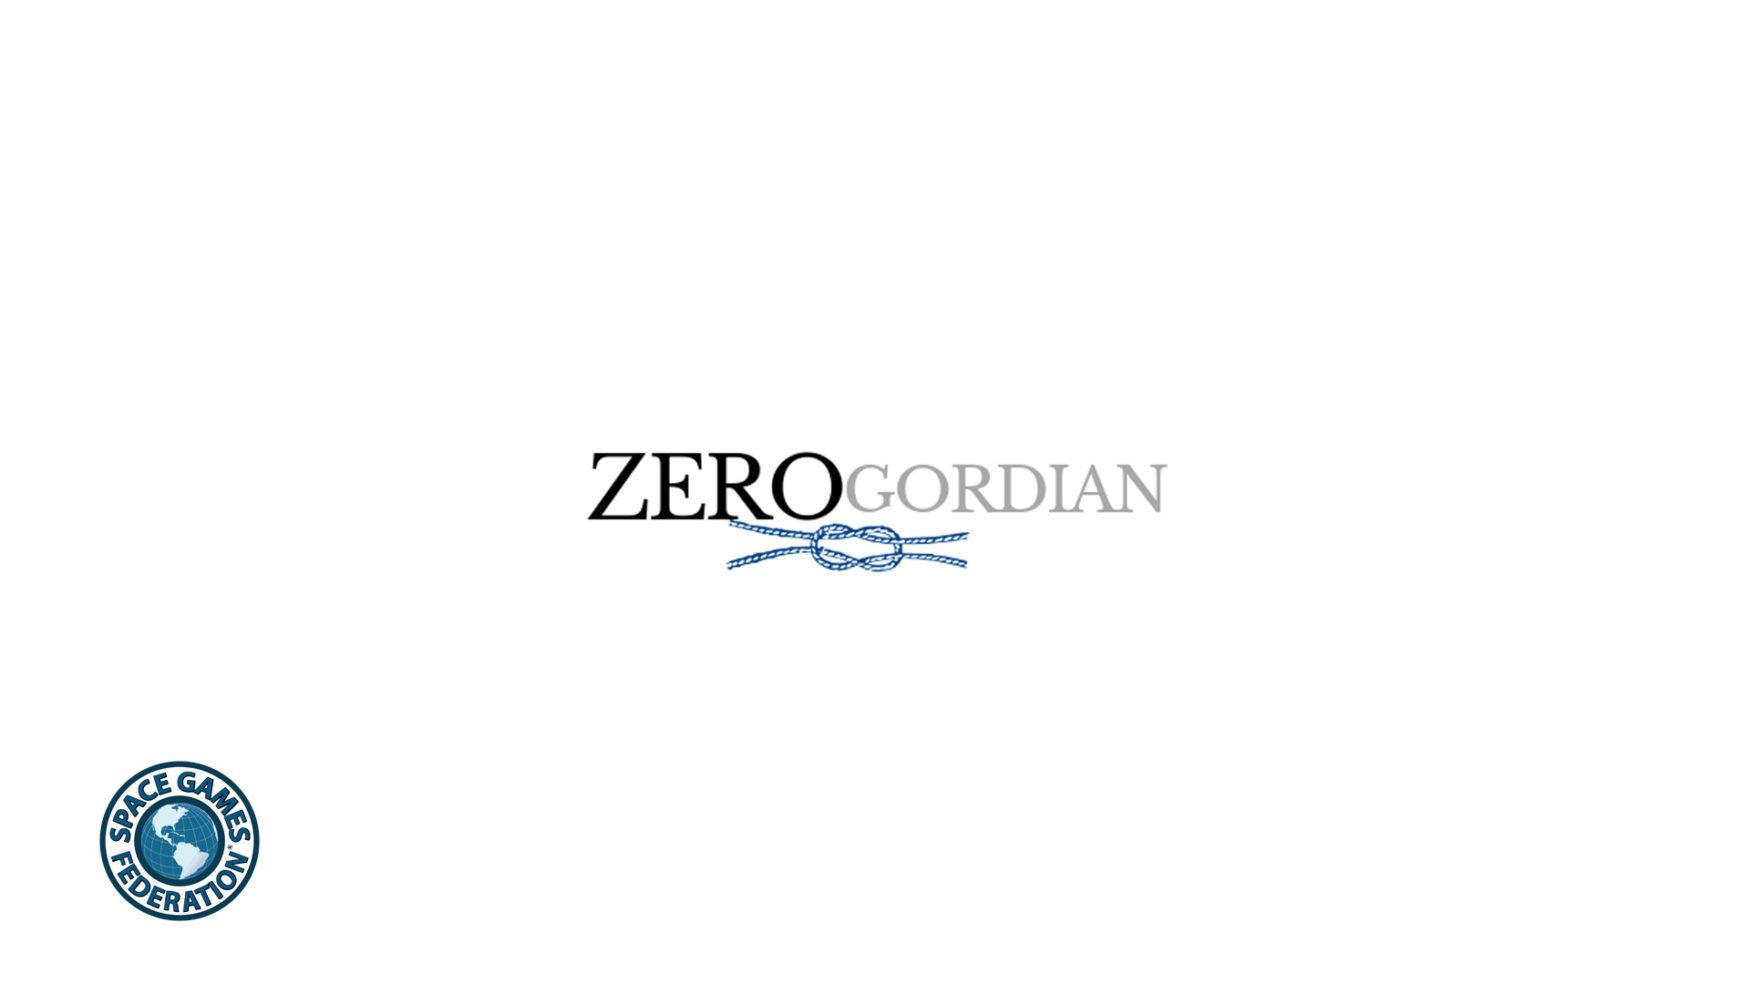 6). Zero Gordian